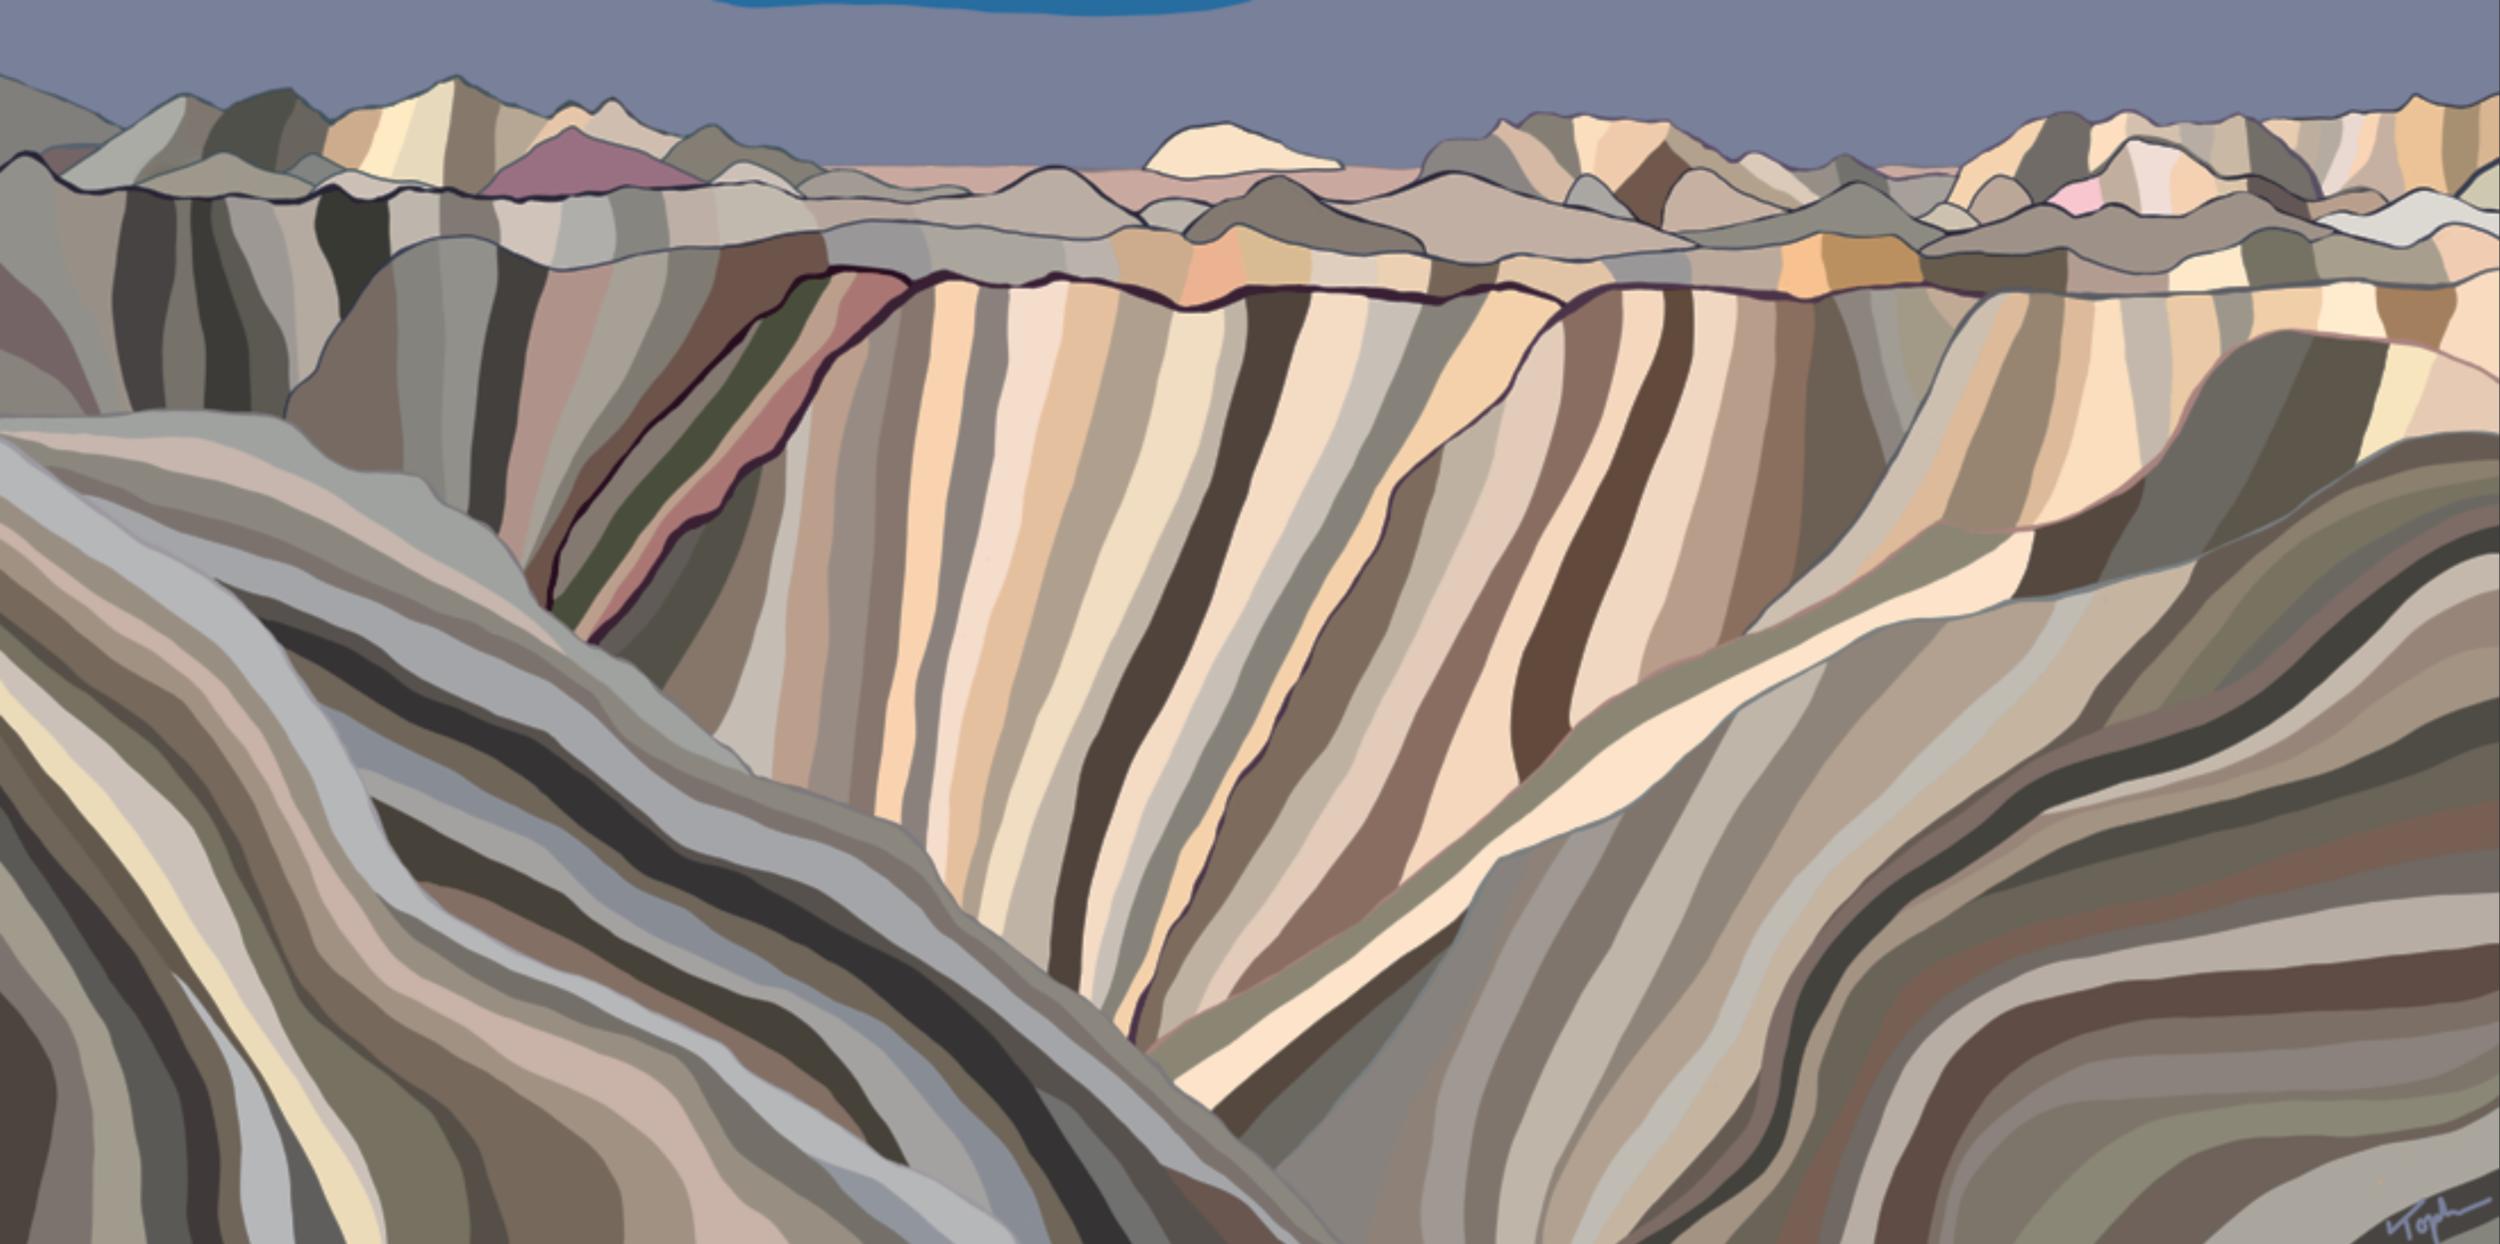 Black Canyon National Park  , 2019  Dye Sublimation on Aluminum   ORIGINAL   |   LIMITED EDITION   |  SOUVENIR